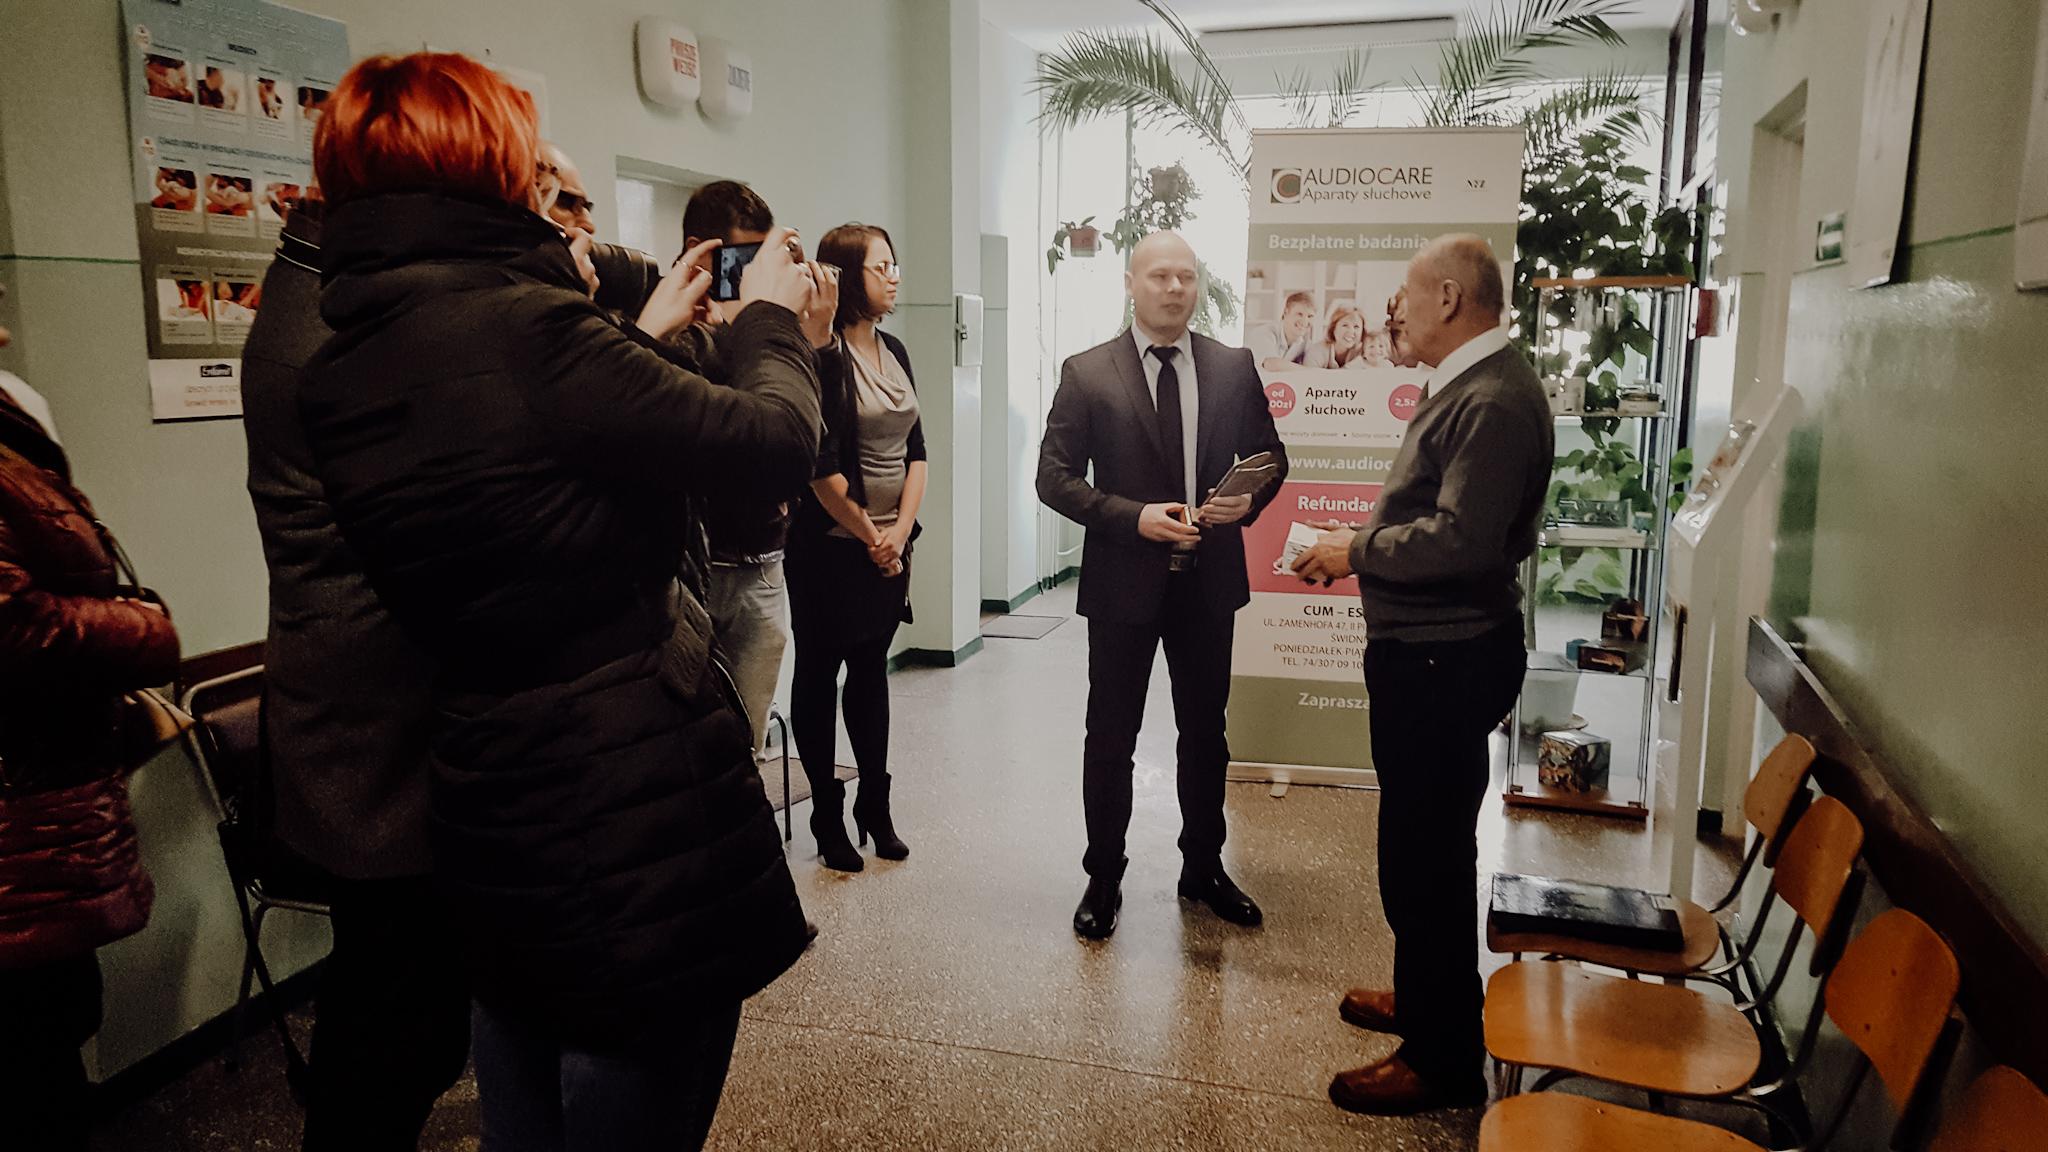 AUDIOCARE | Jan Drabik odbiera aparaty słuchowe przekazane przez firmę Sivantos producenta aparatów marki Signia